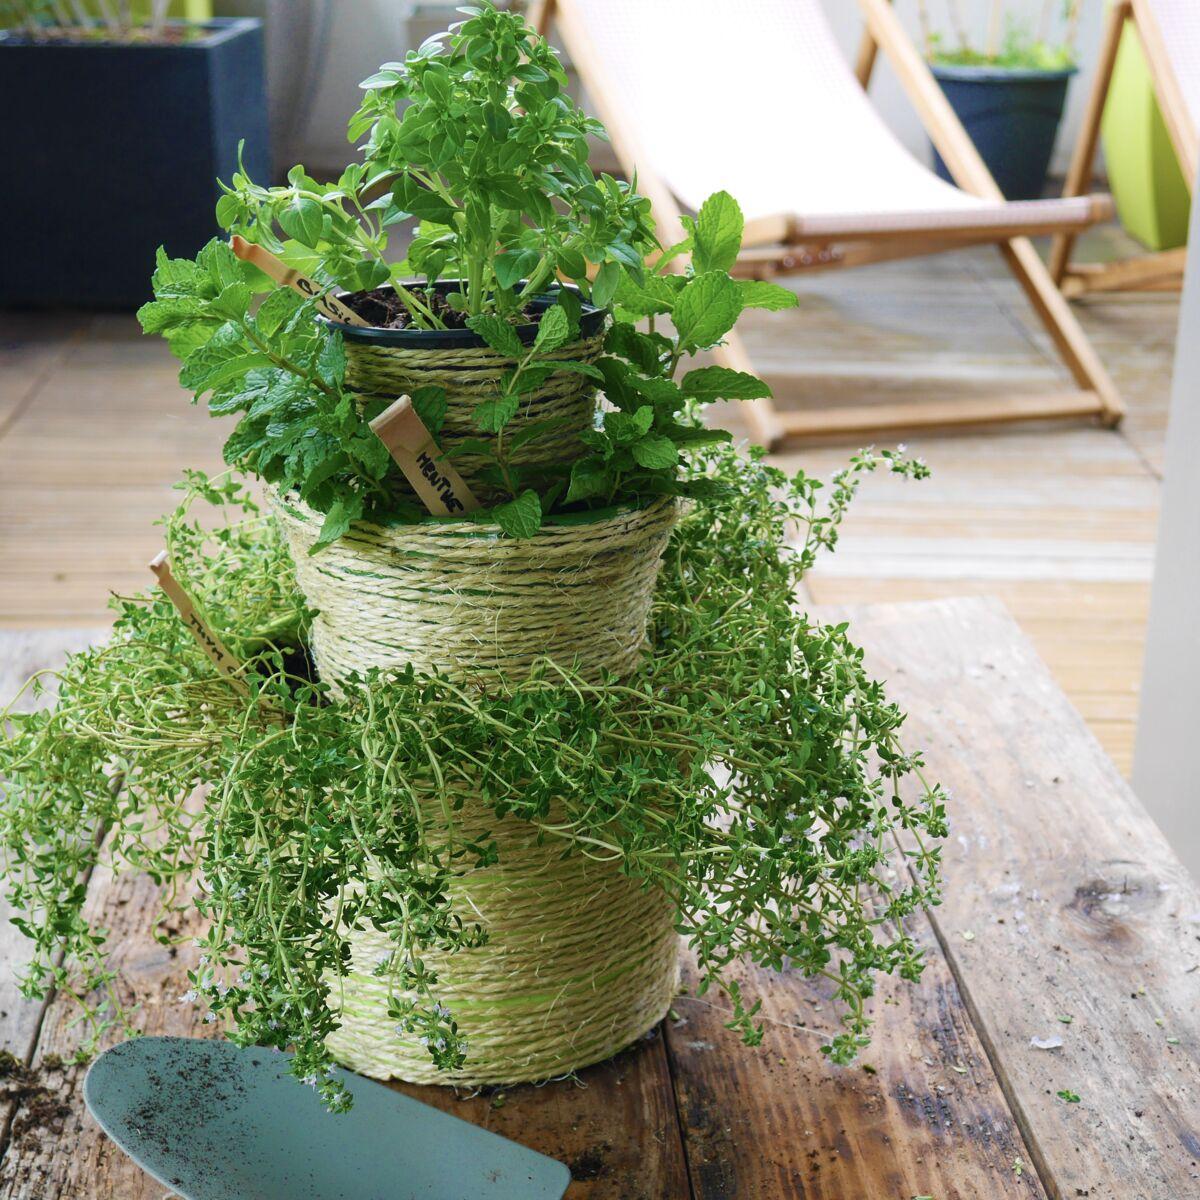 Planter Herbes Aromatiques Jardiniere tuto : réalisez une jardinière originale pour vos plantes